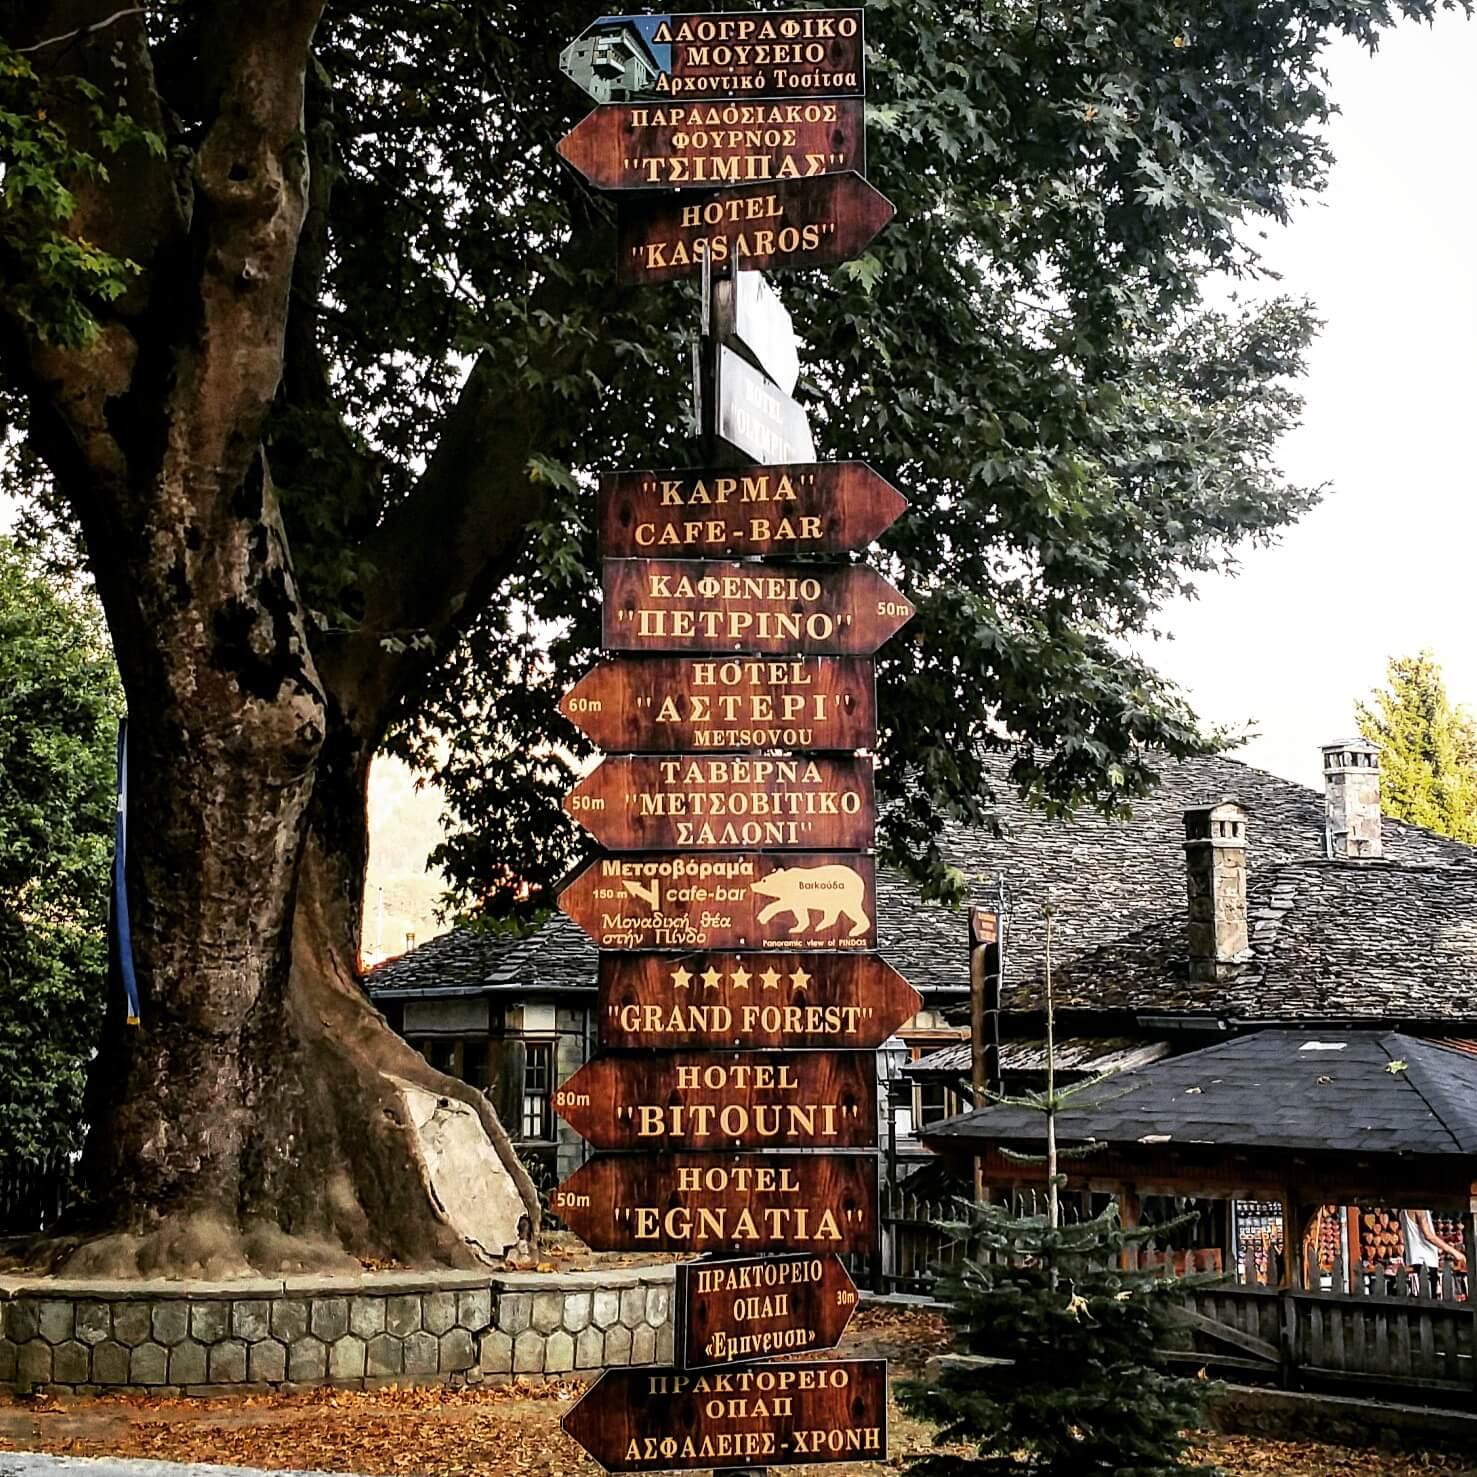 Metsovo ~ Ioannina routes